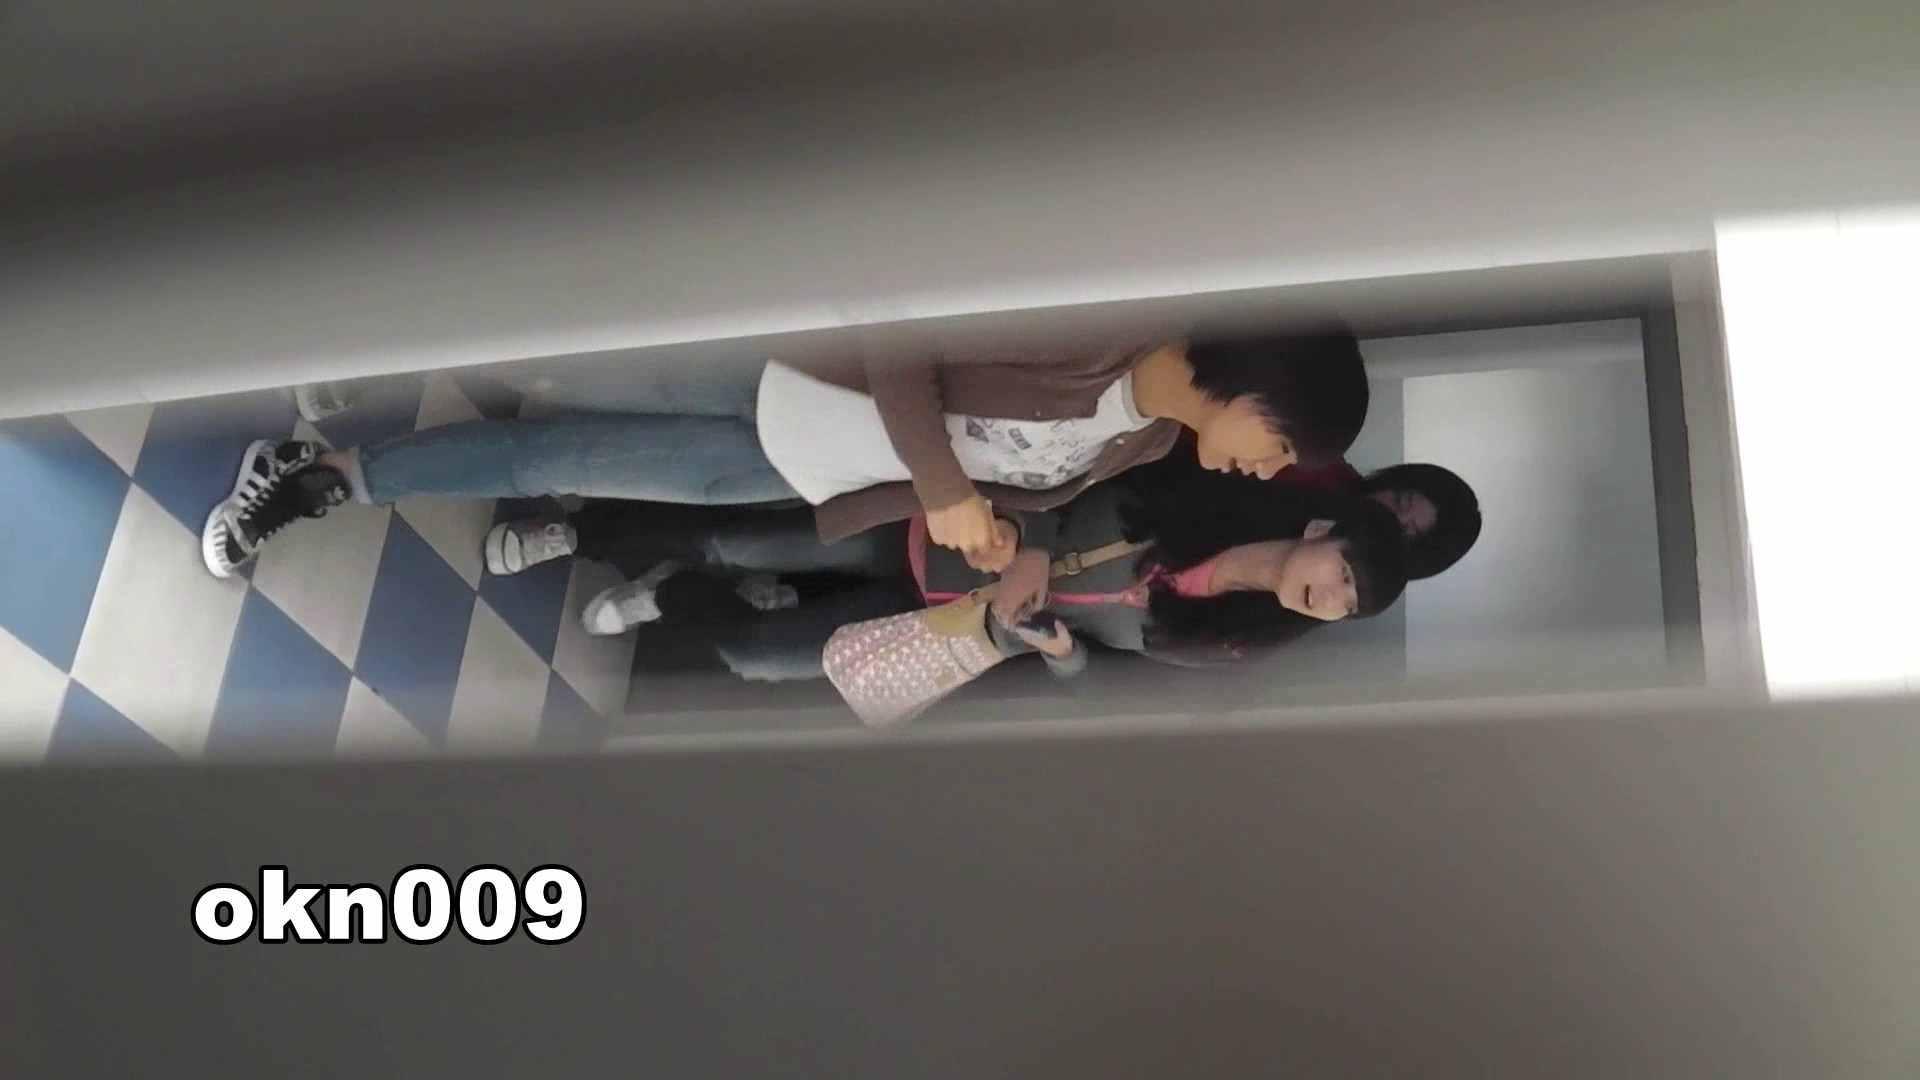 下からノゾム vol.009 リキンでモリアガった割にヒョロ 洗面所 | 丸見えマンコ  55画像 51